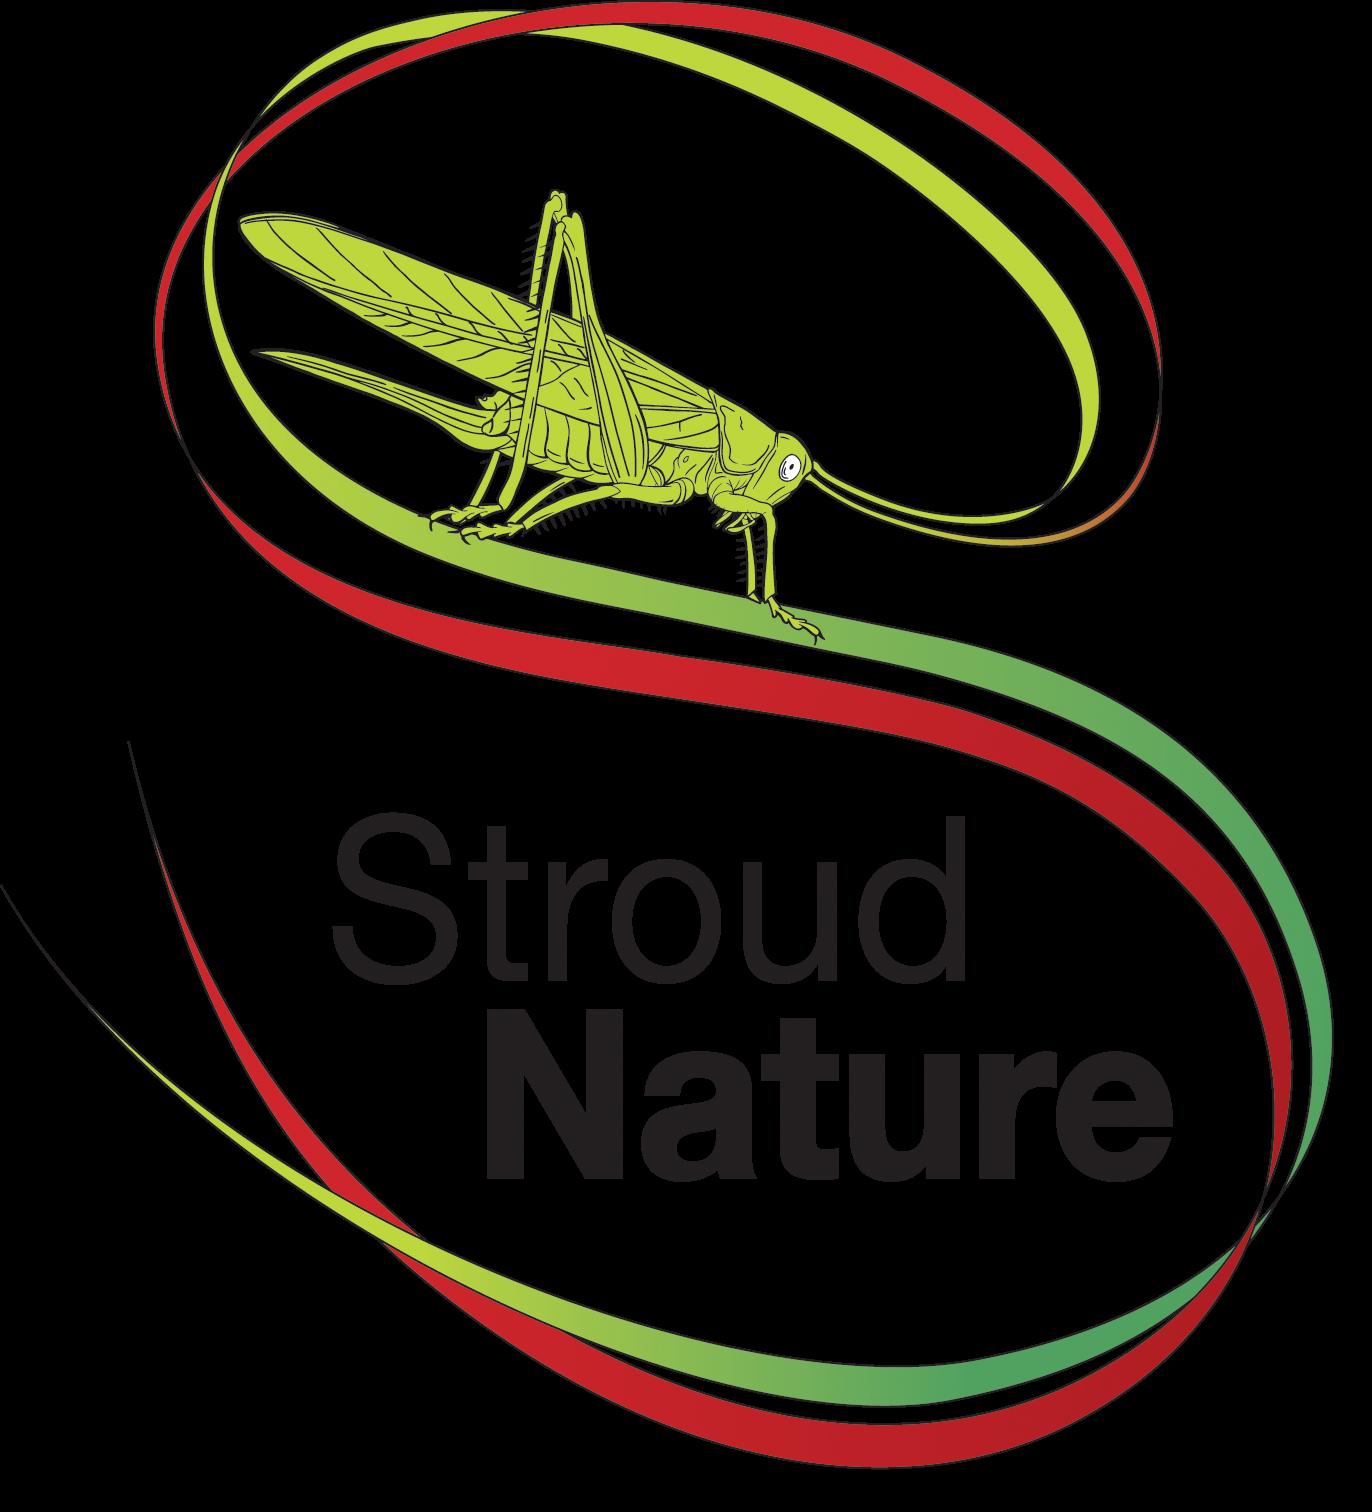 Stroud Nature